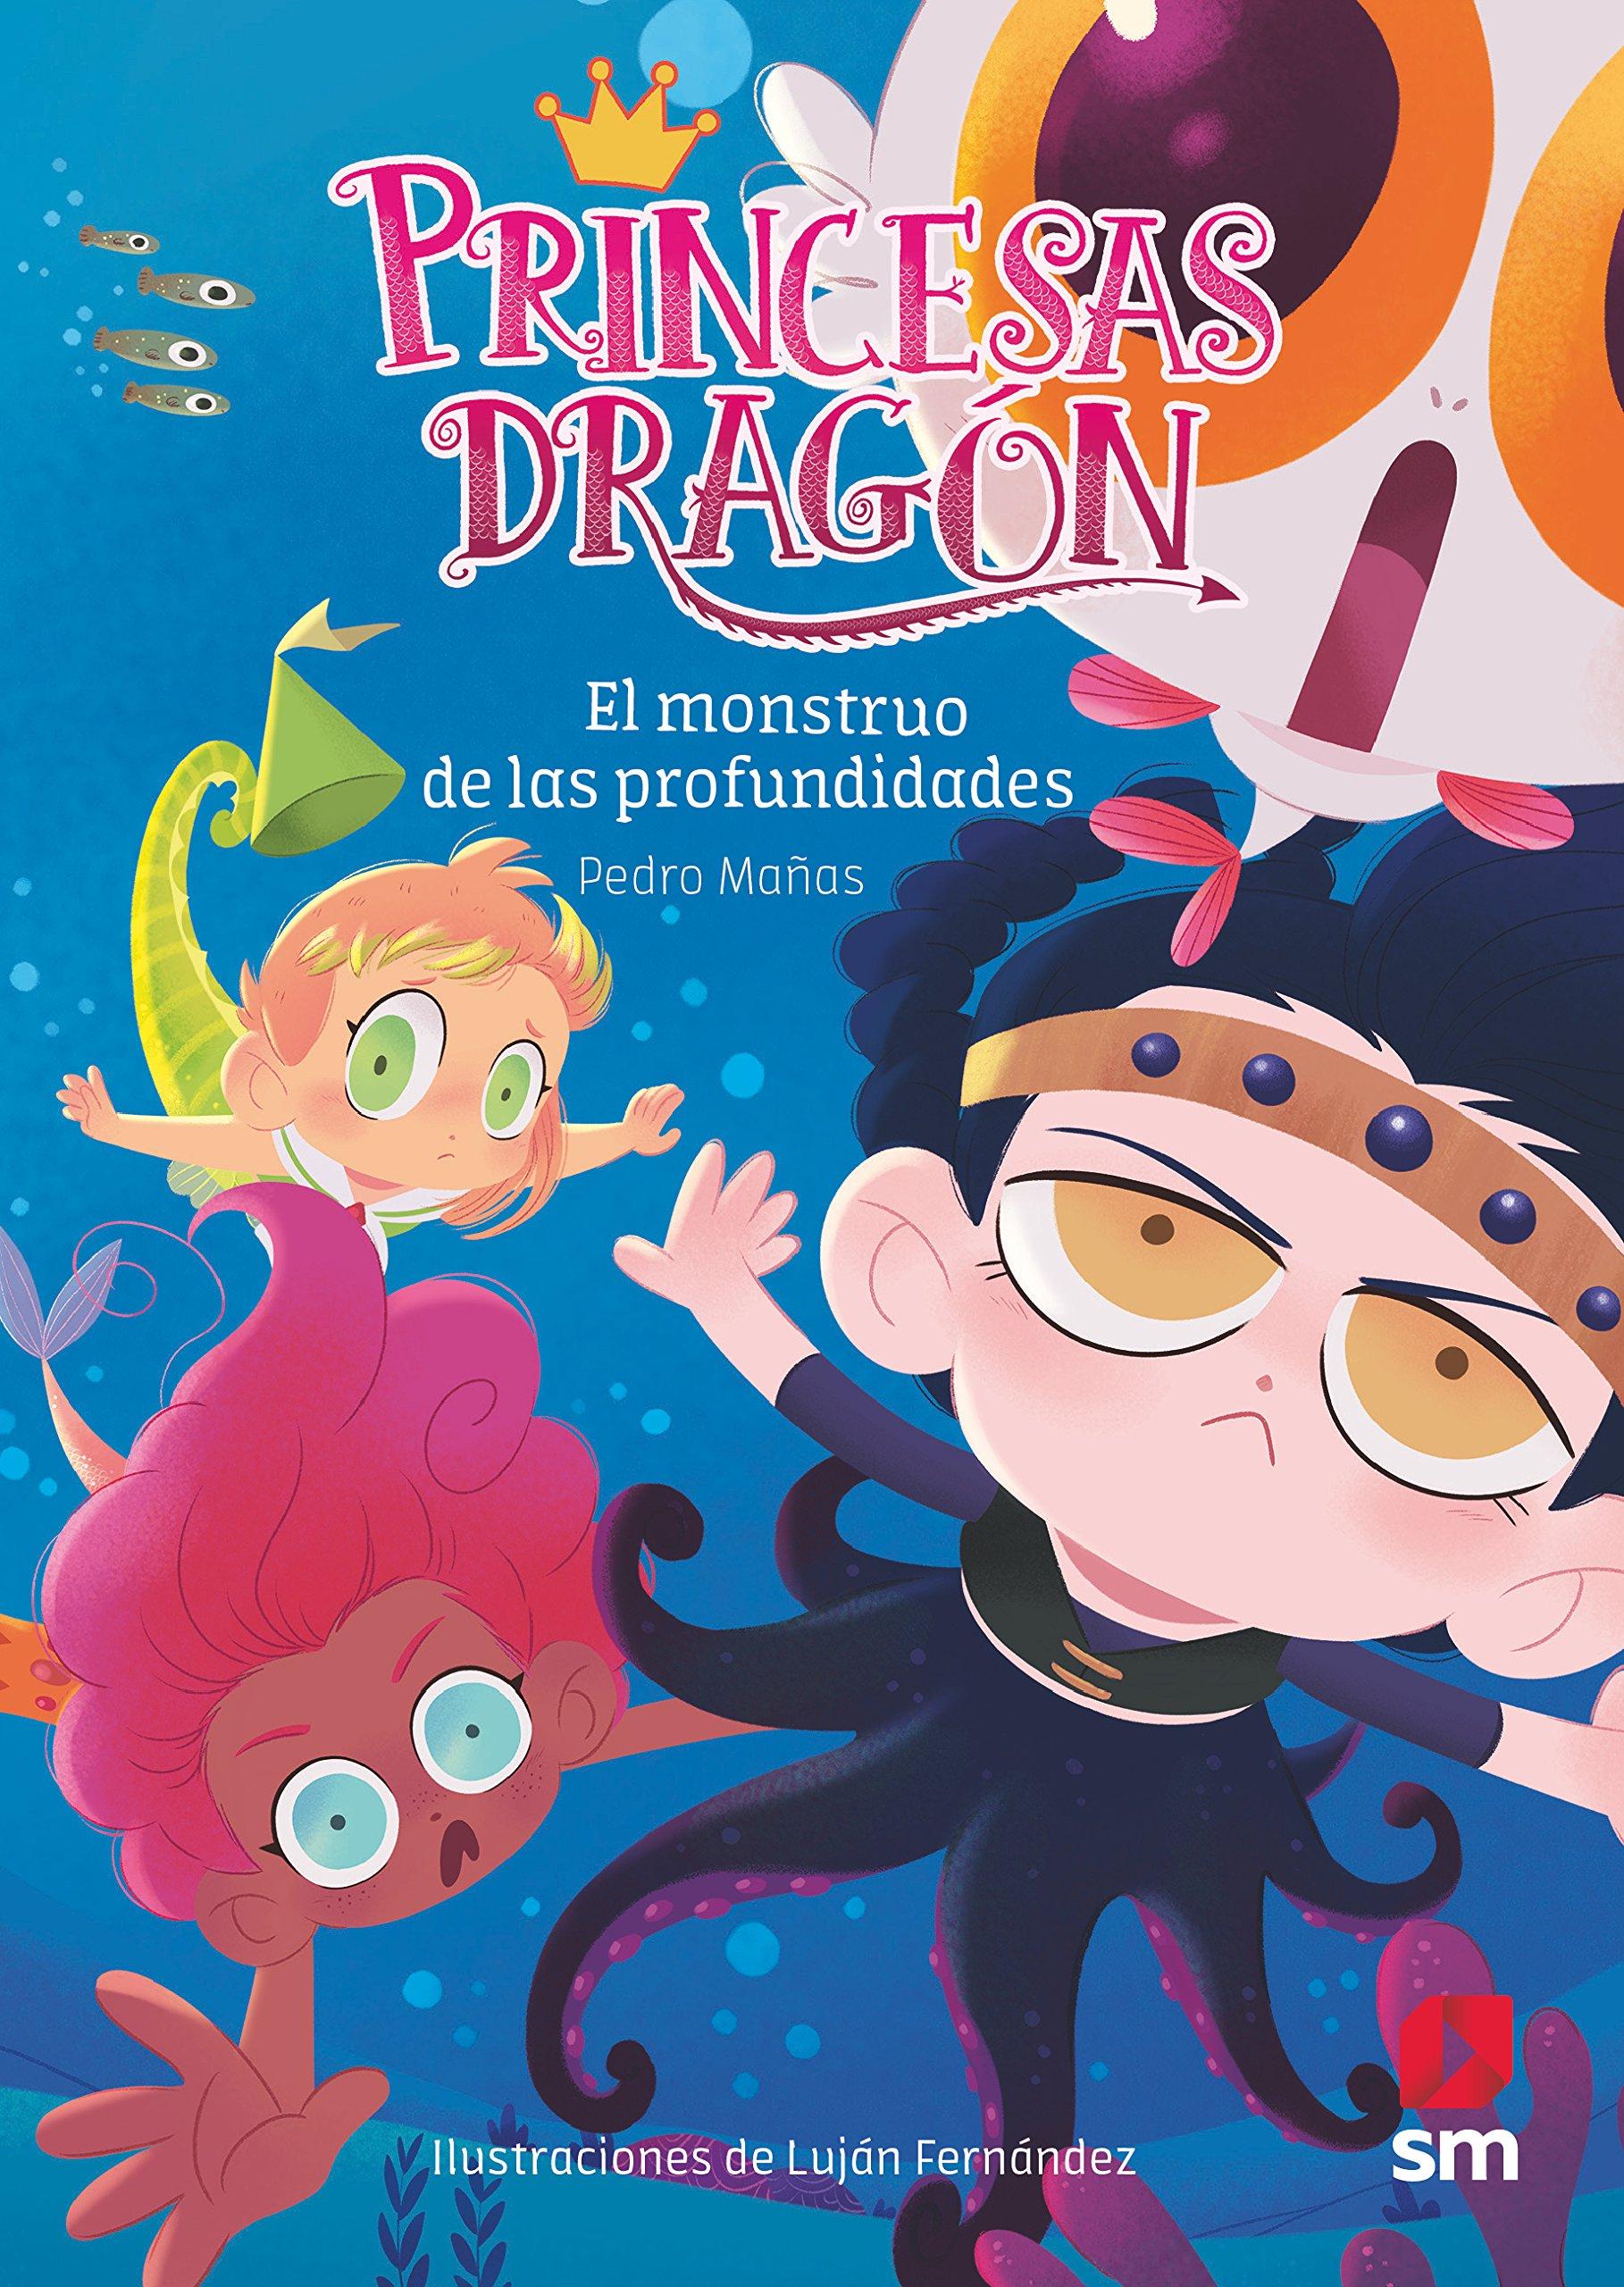 Princesas Dragón: El monstruo de las profundidades: Amazon.es: Pedro Mañas Romero, Luján Fernández Méndez: Libros